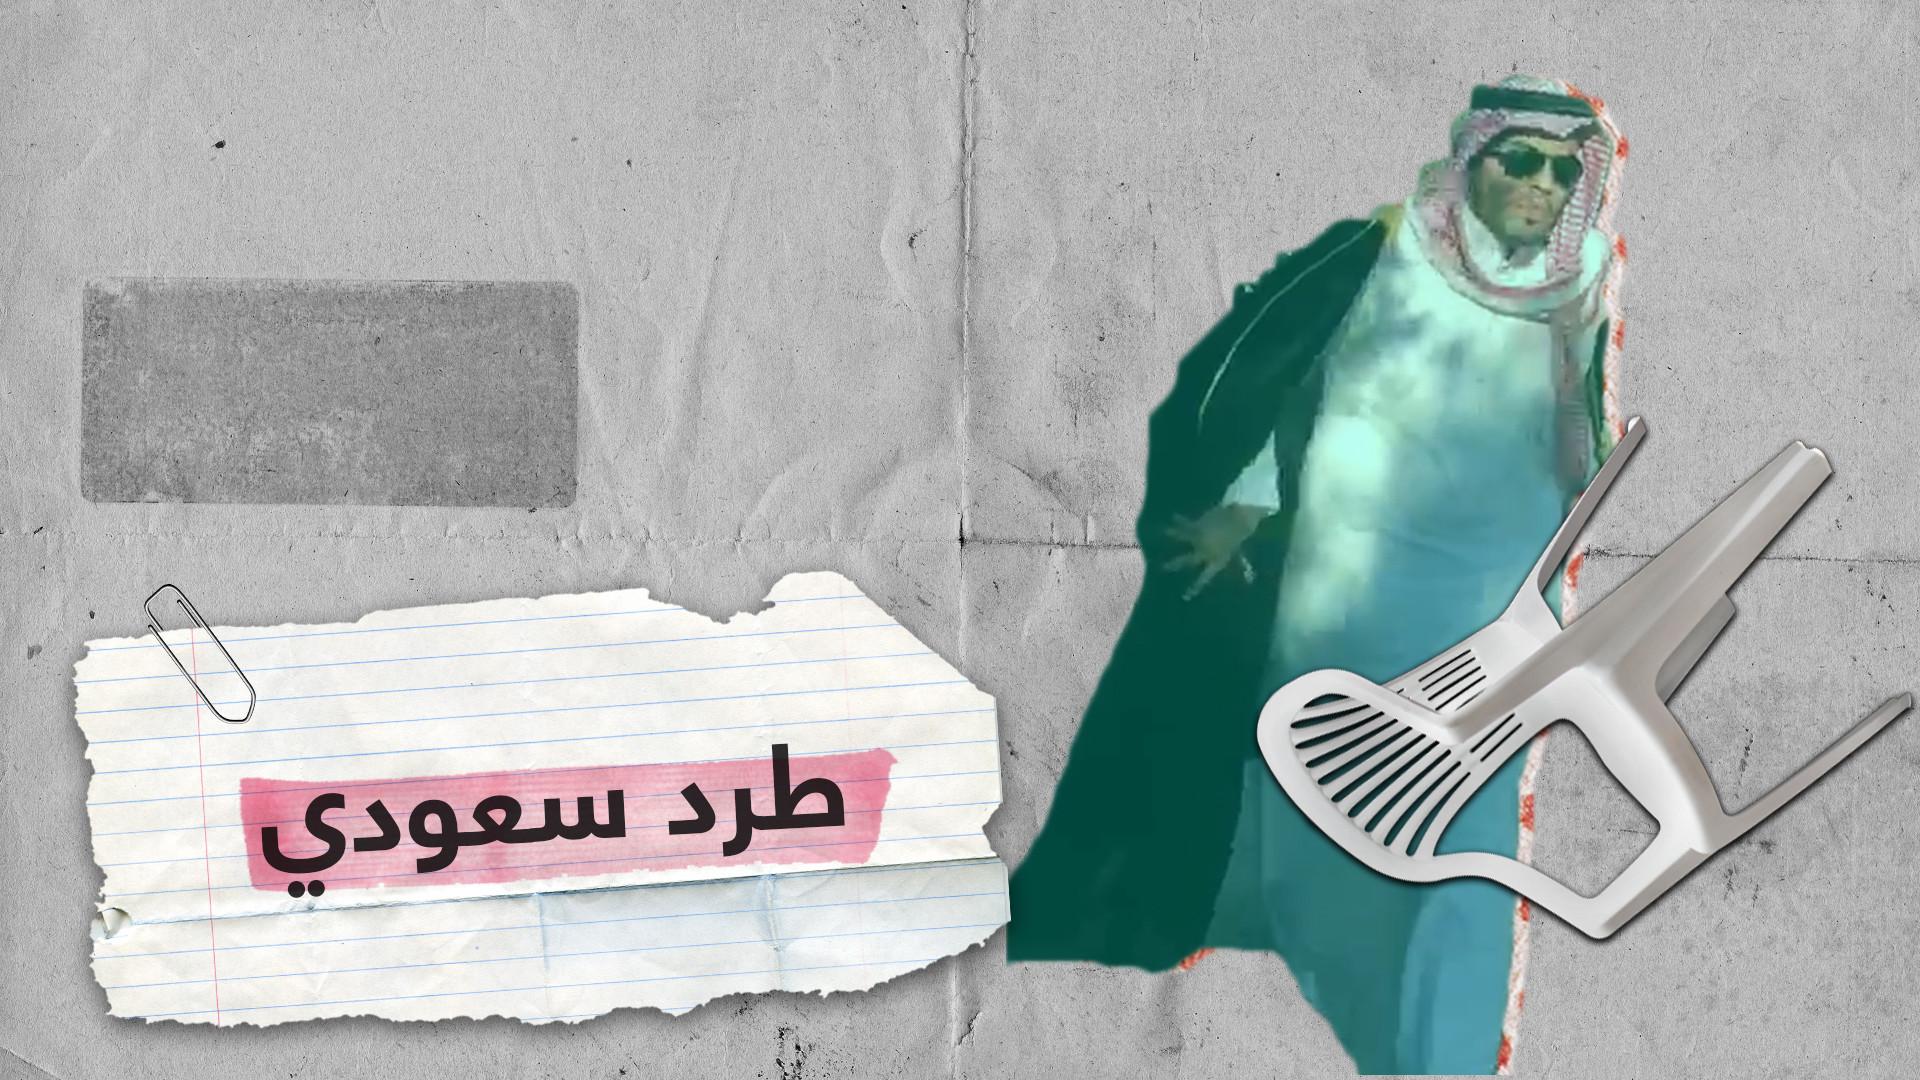 بالبصق والأحذية.. فلسطينيون يطردون مدونا سعوديا من باحات الأقصى